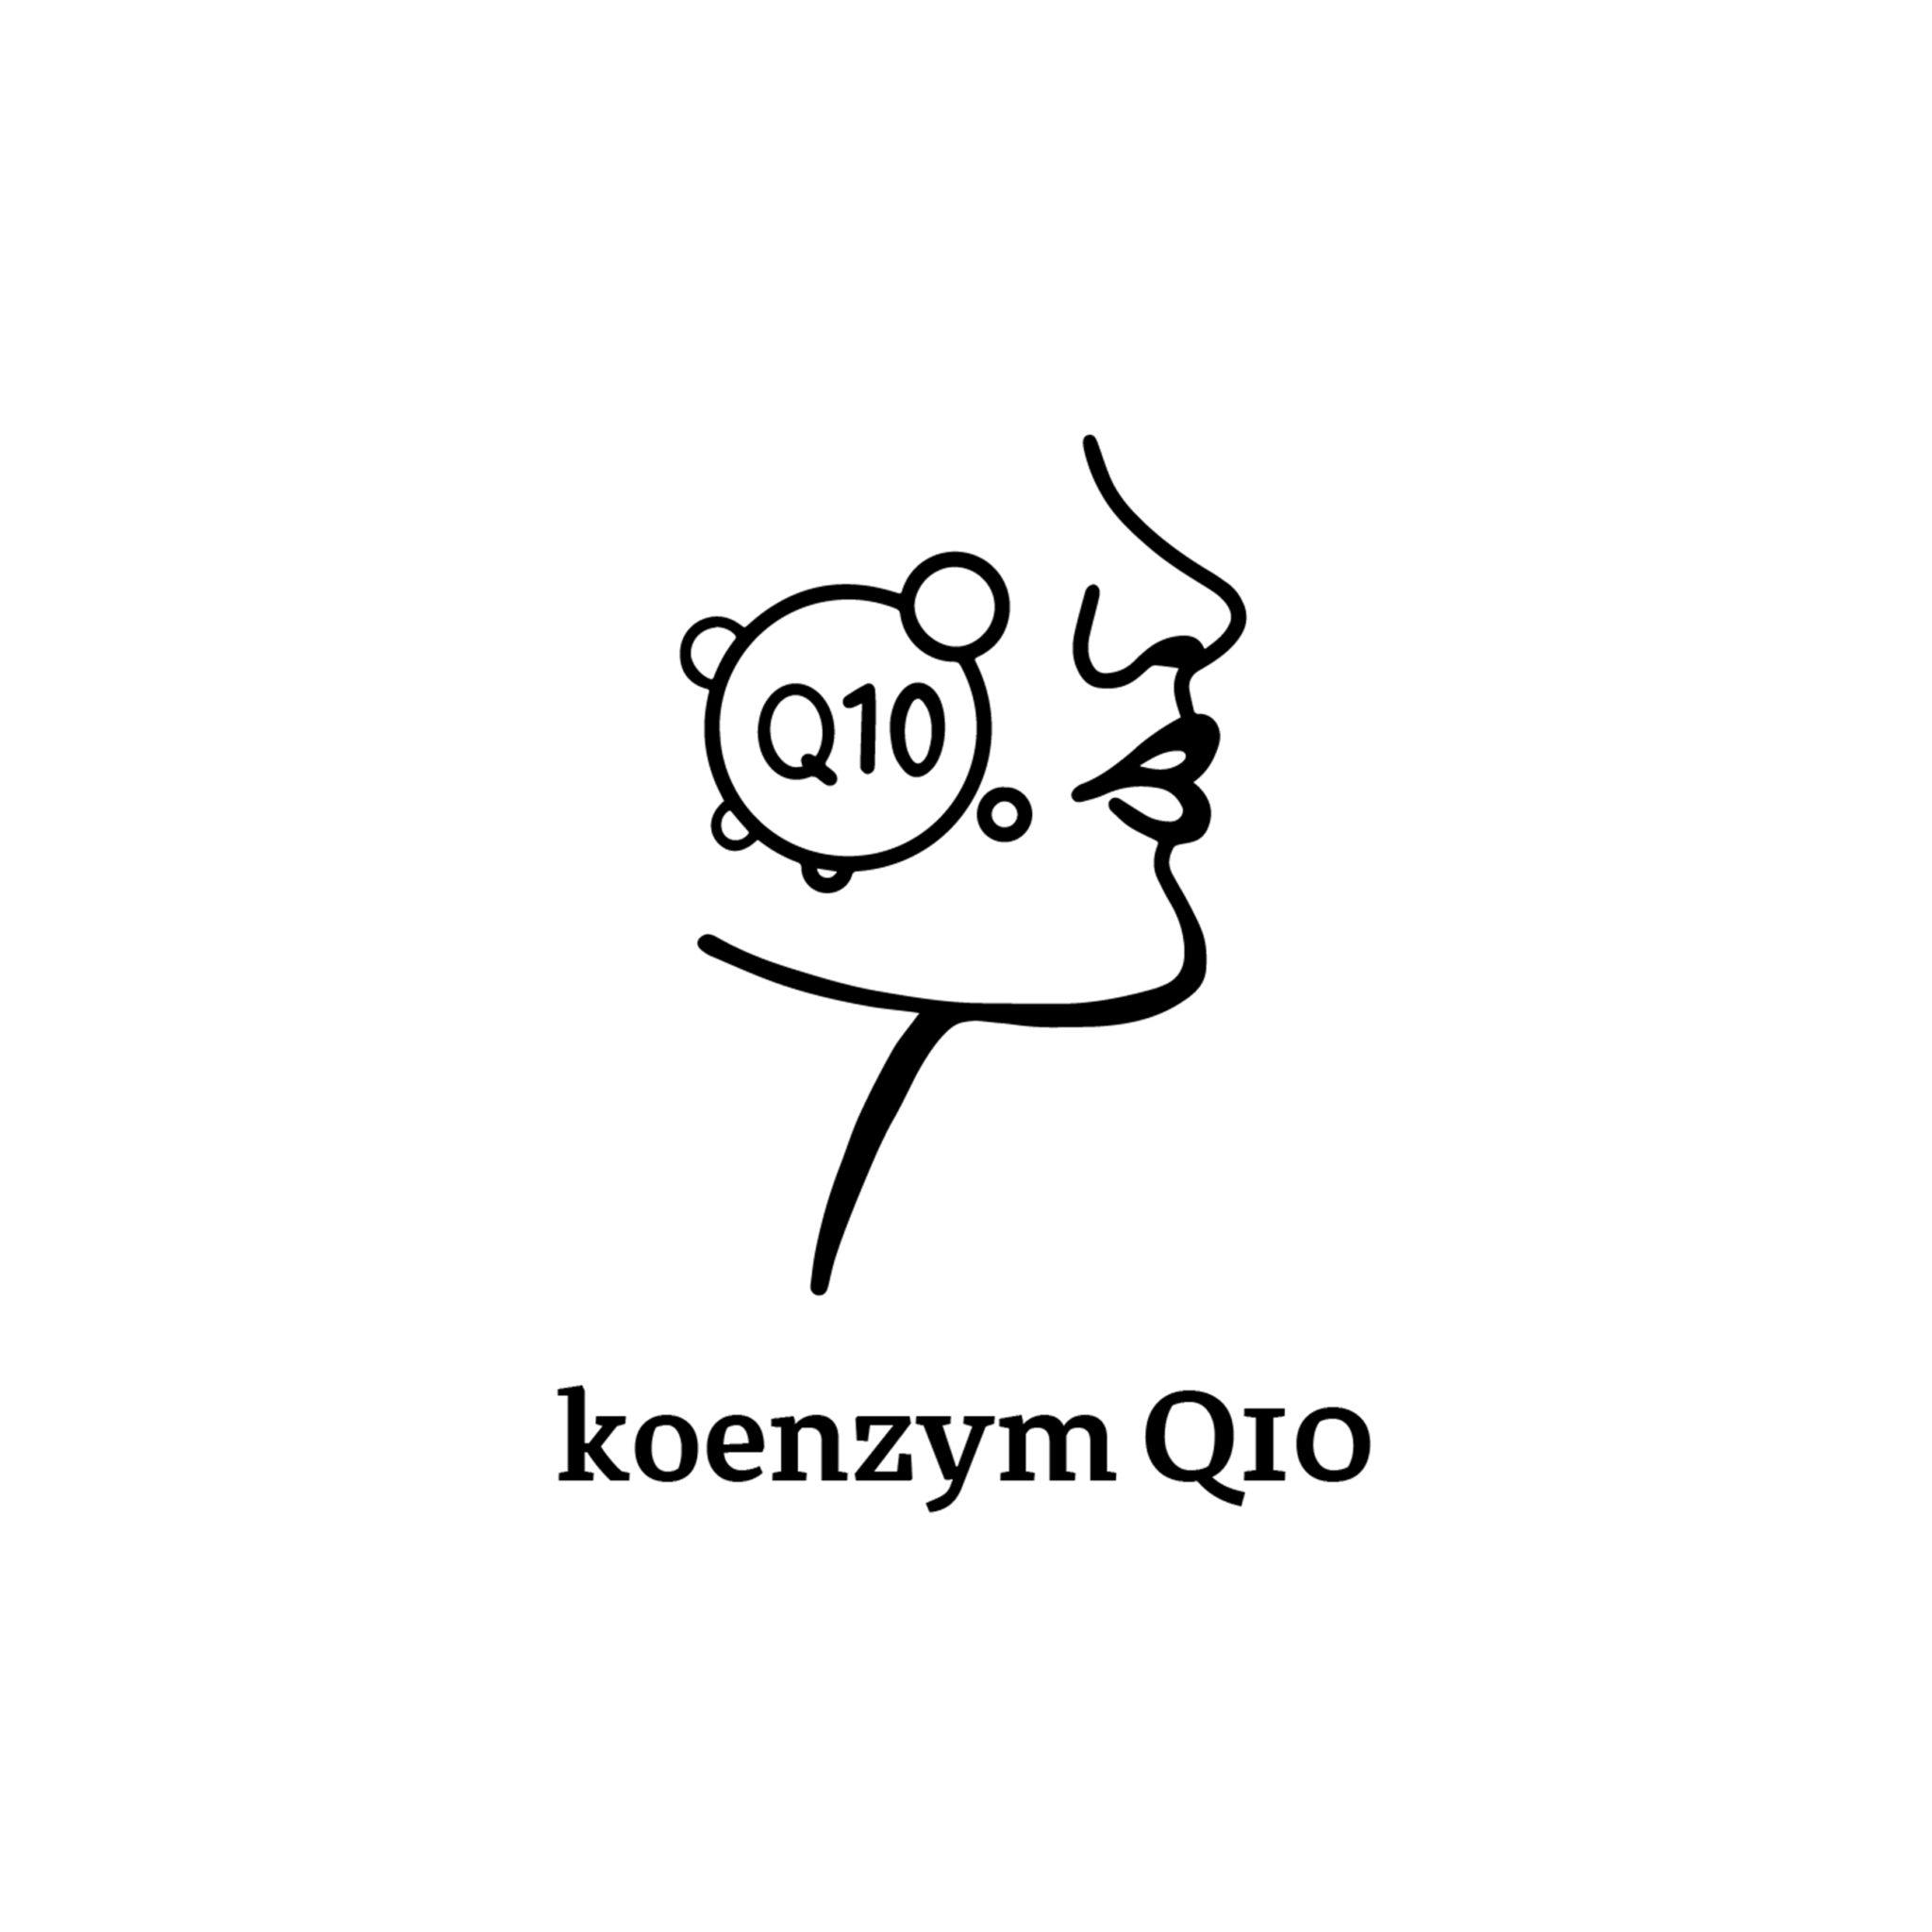 koenzymq10